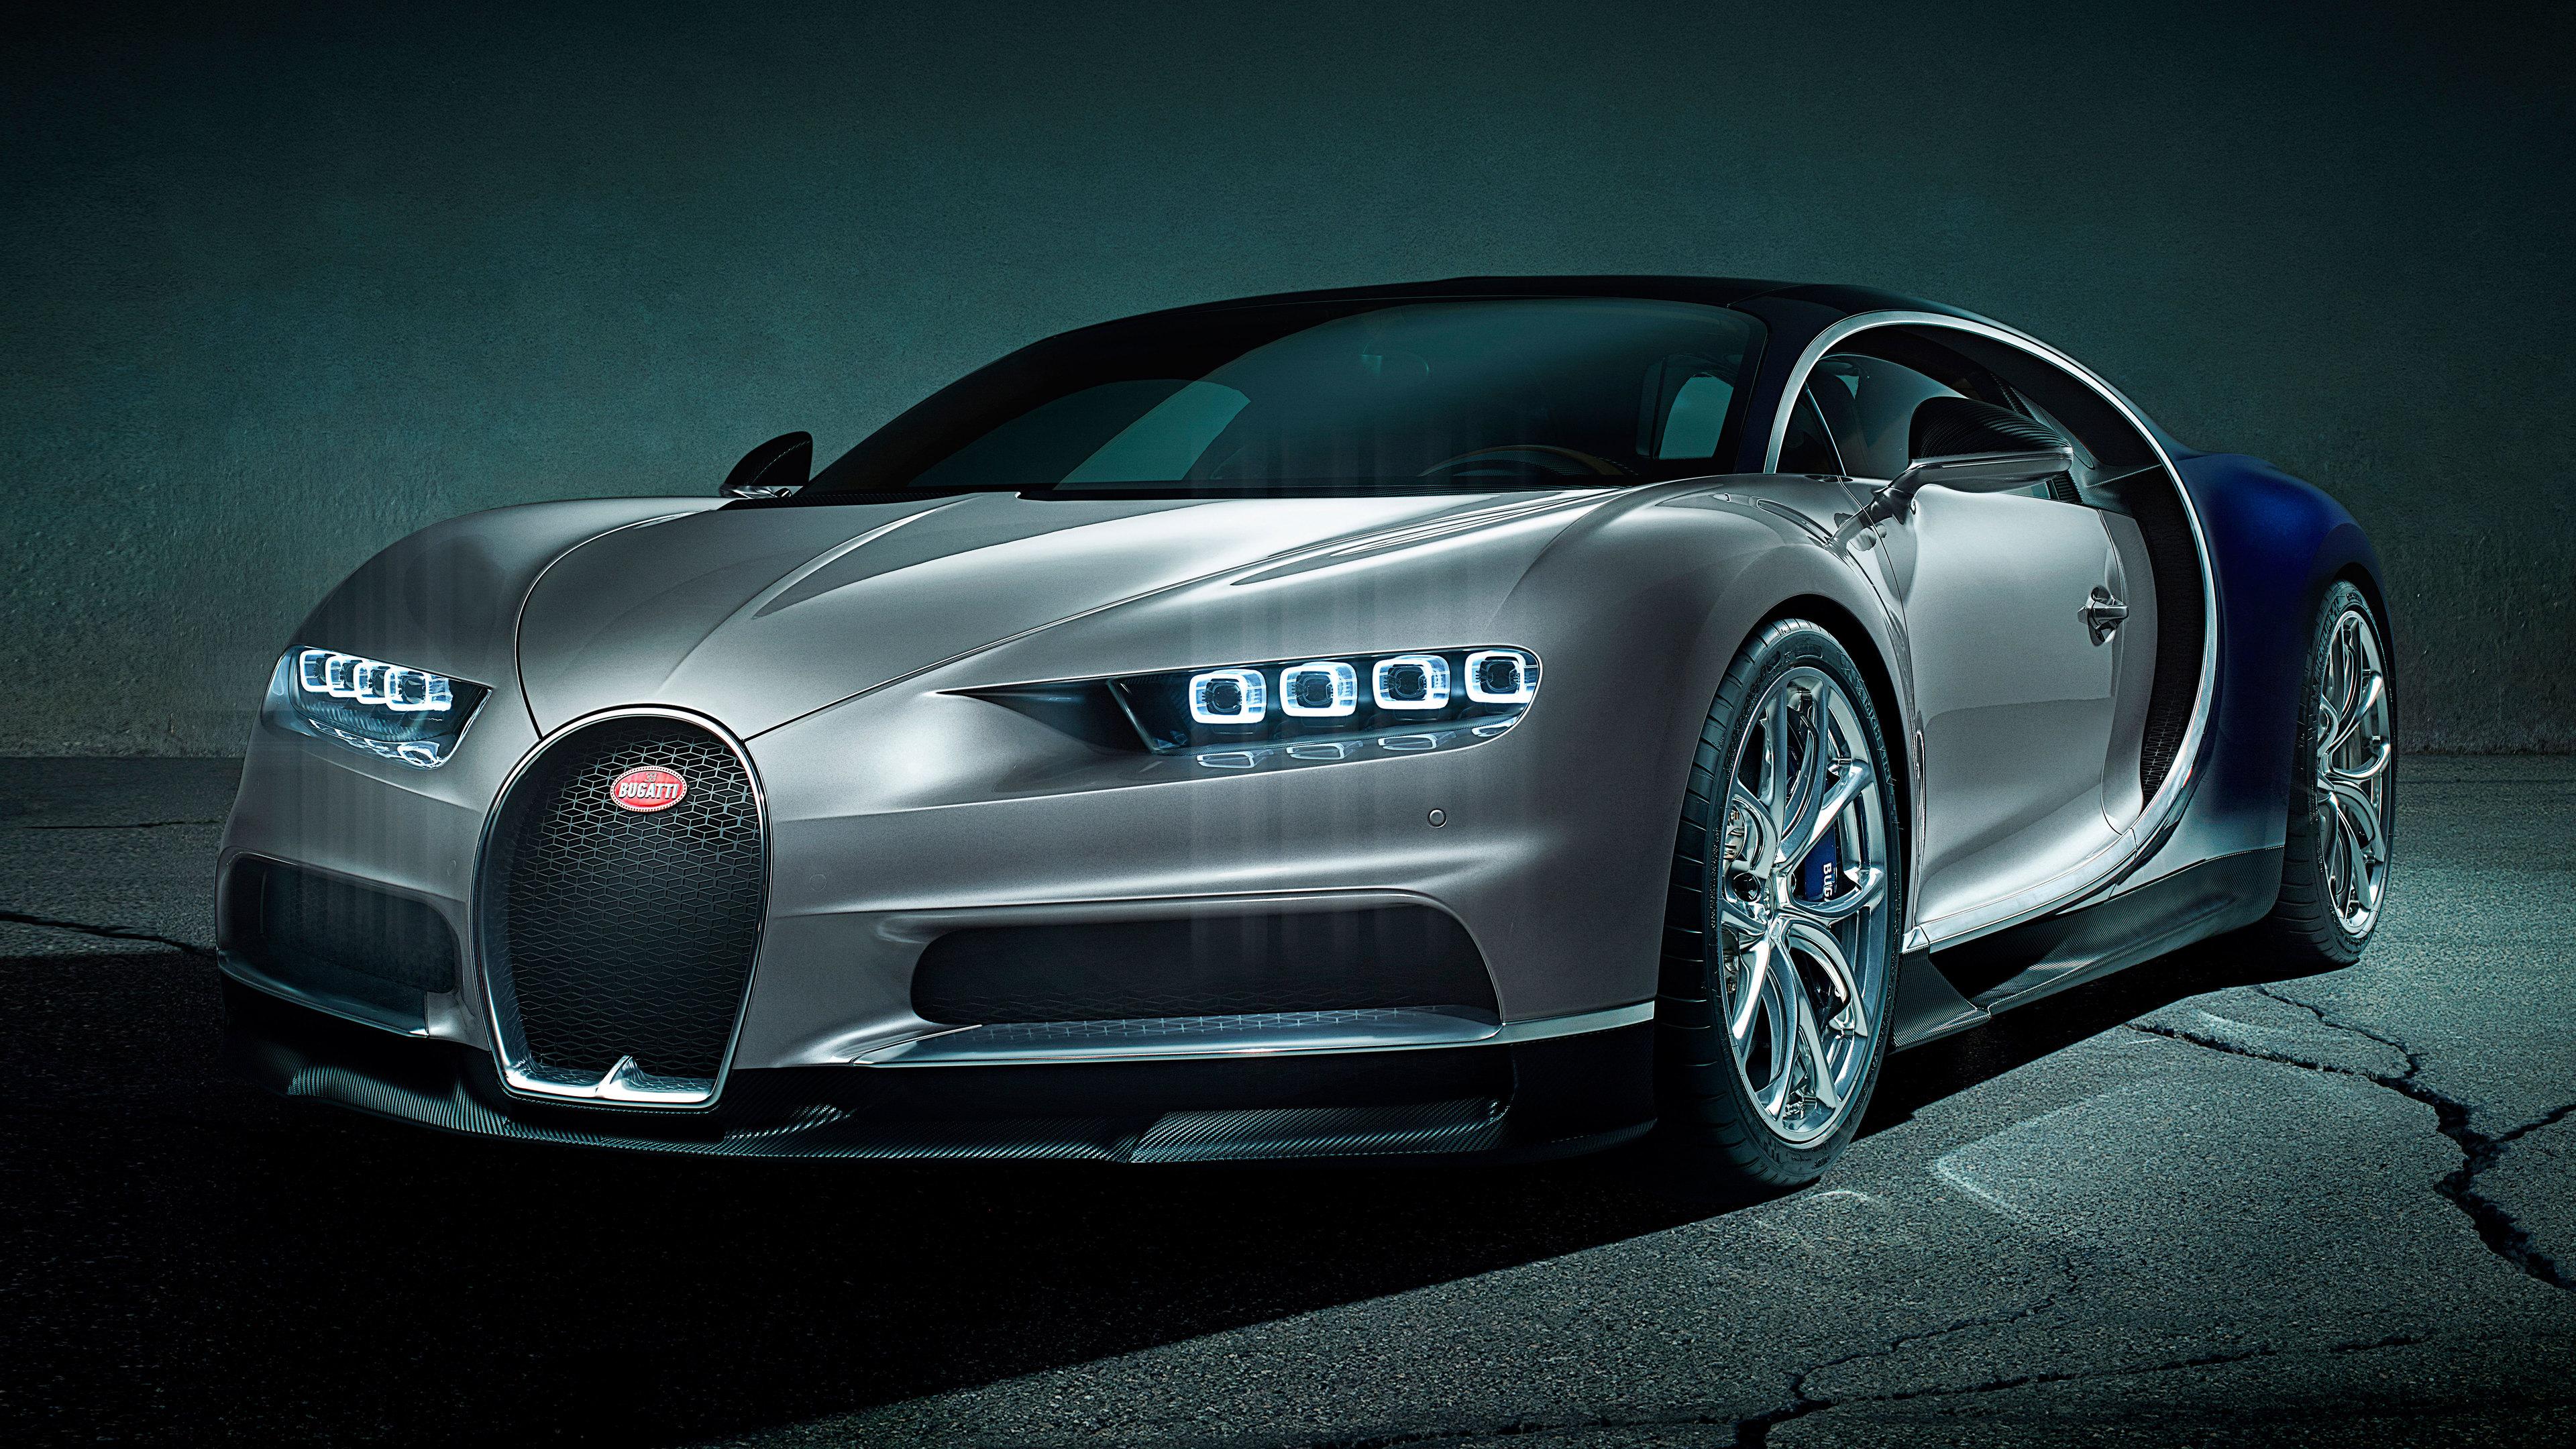 bugatti chiron 8k 1539113916 - Bugatti Chiron 8k - hd-wallpapers, cars wallpapers, bugatti wallpapers, bugatti chiron wallpapers, 8k wallpapers, 5k wallpapers, 4k-wallpapers, 2018 cars wallpapers